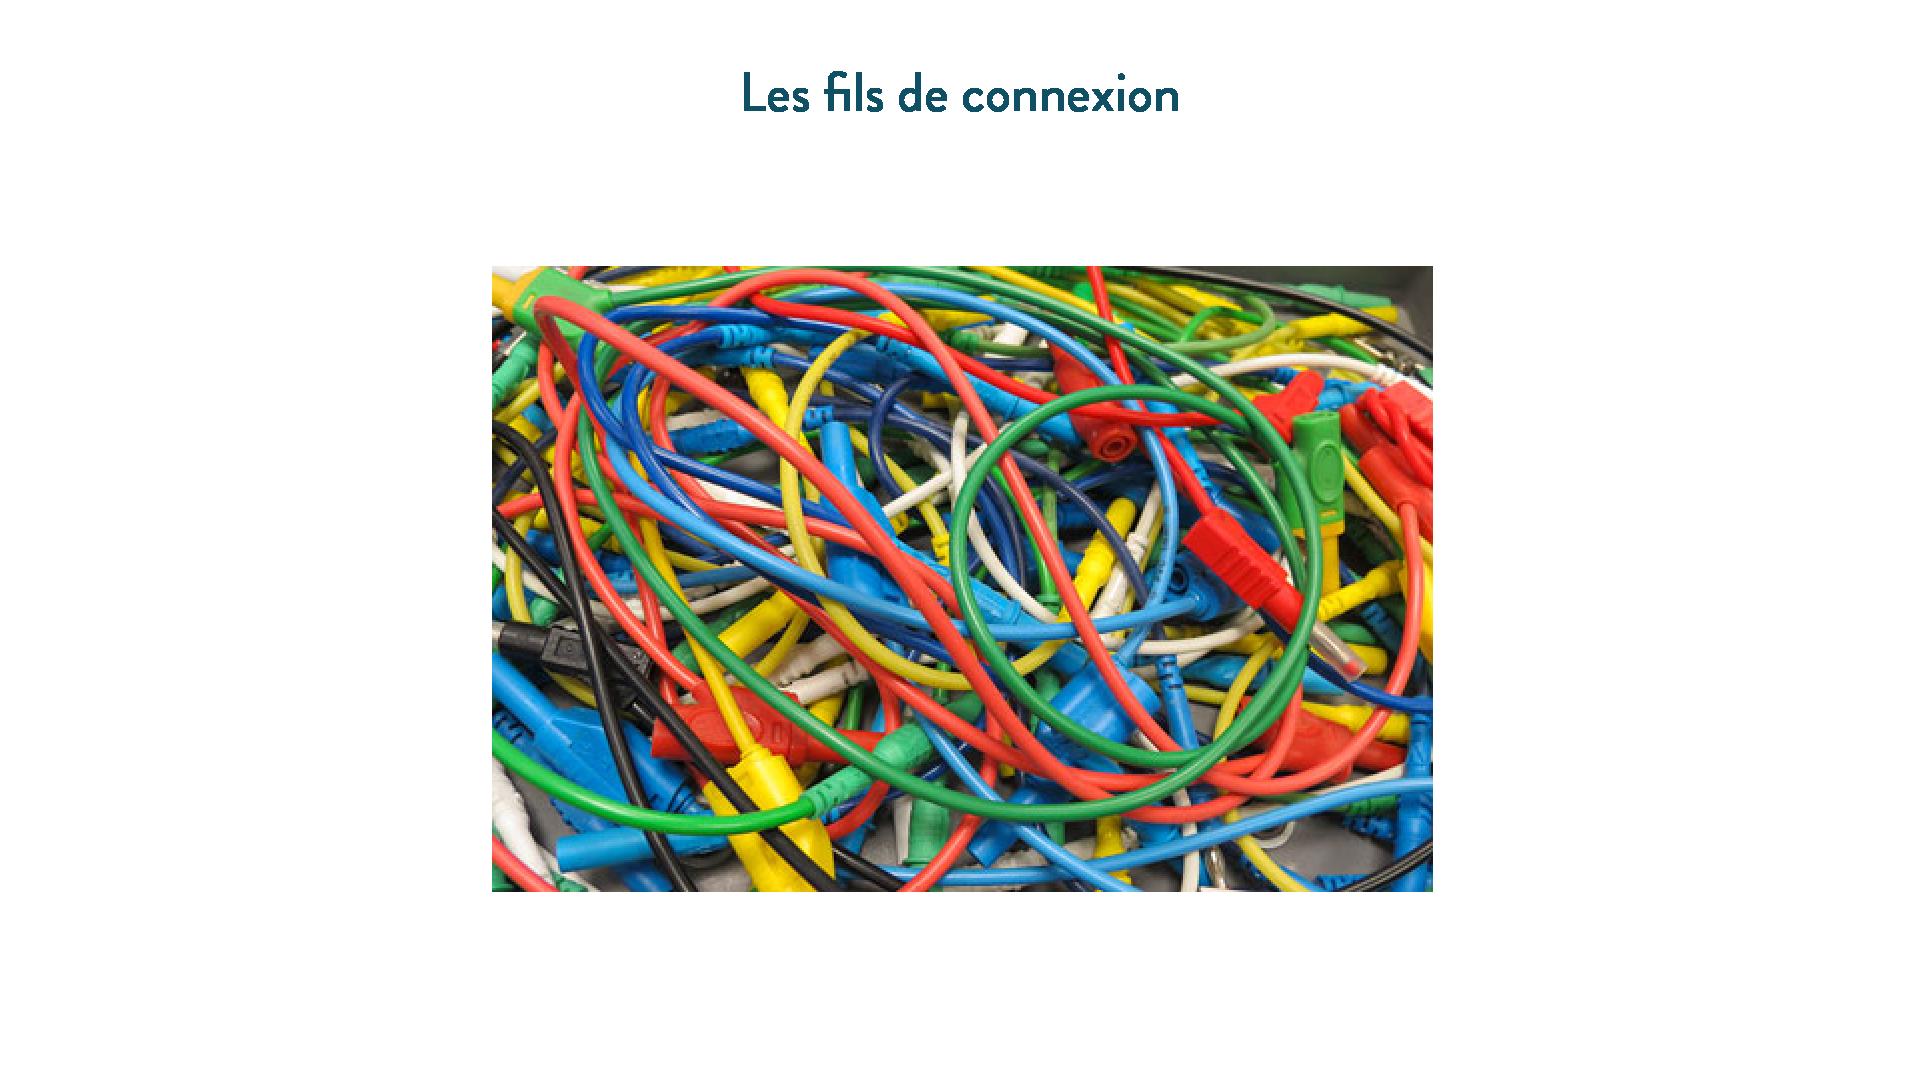 Les fils de connexion